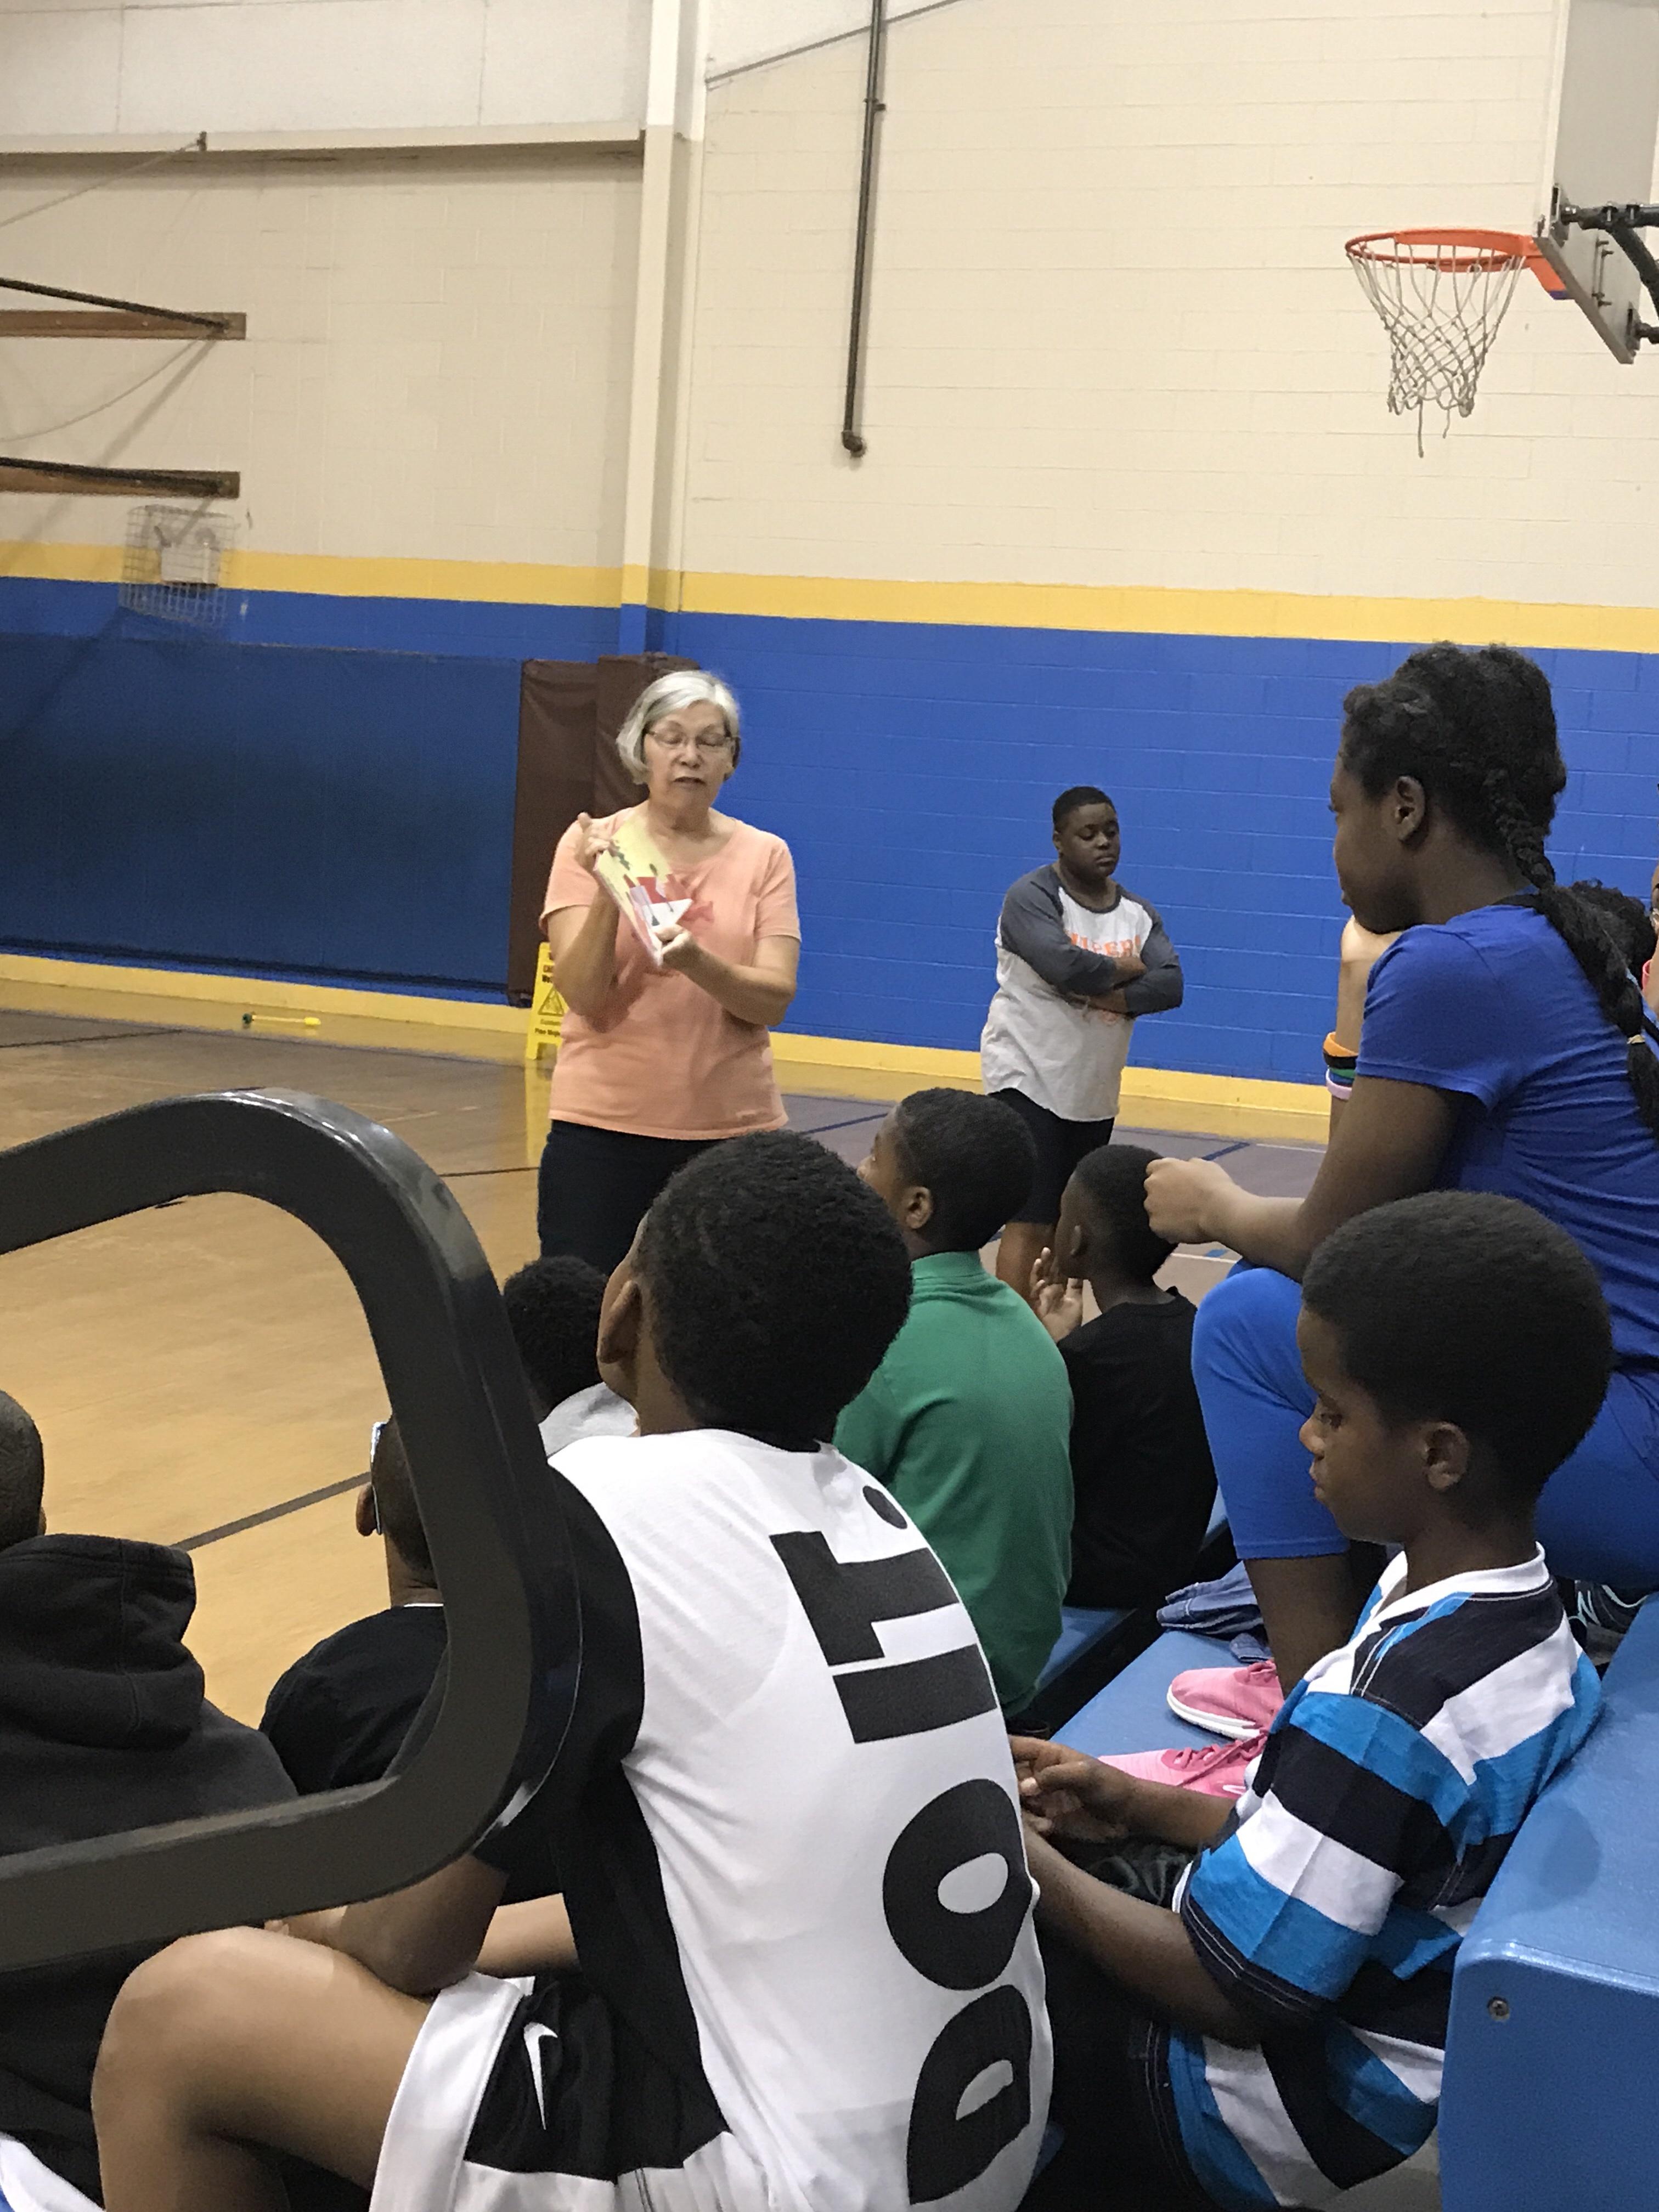 Planet Fitness Dayton Ohio : planet, fitness, dayton, Img_0840.jpg, Dakota, Center